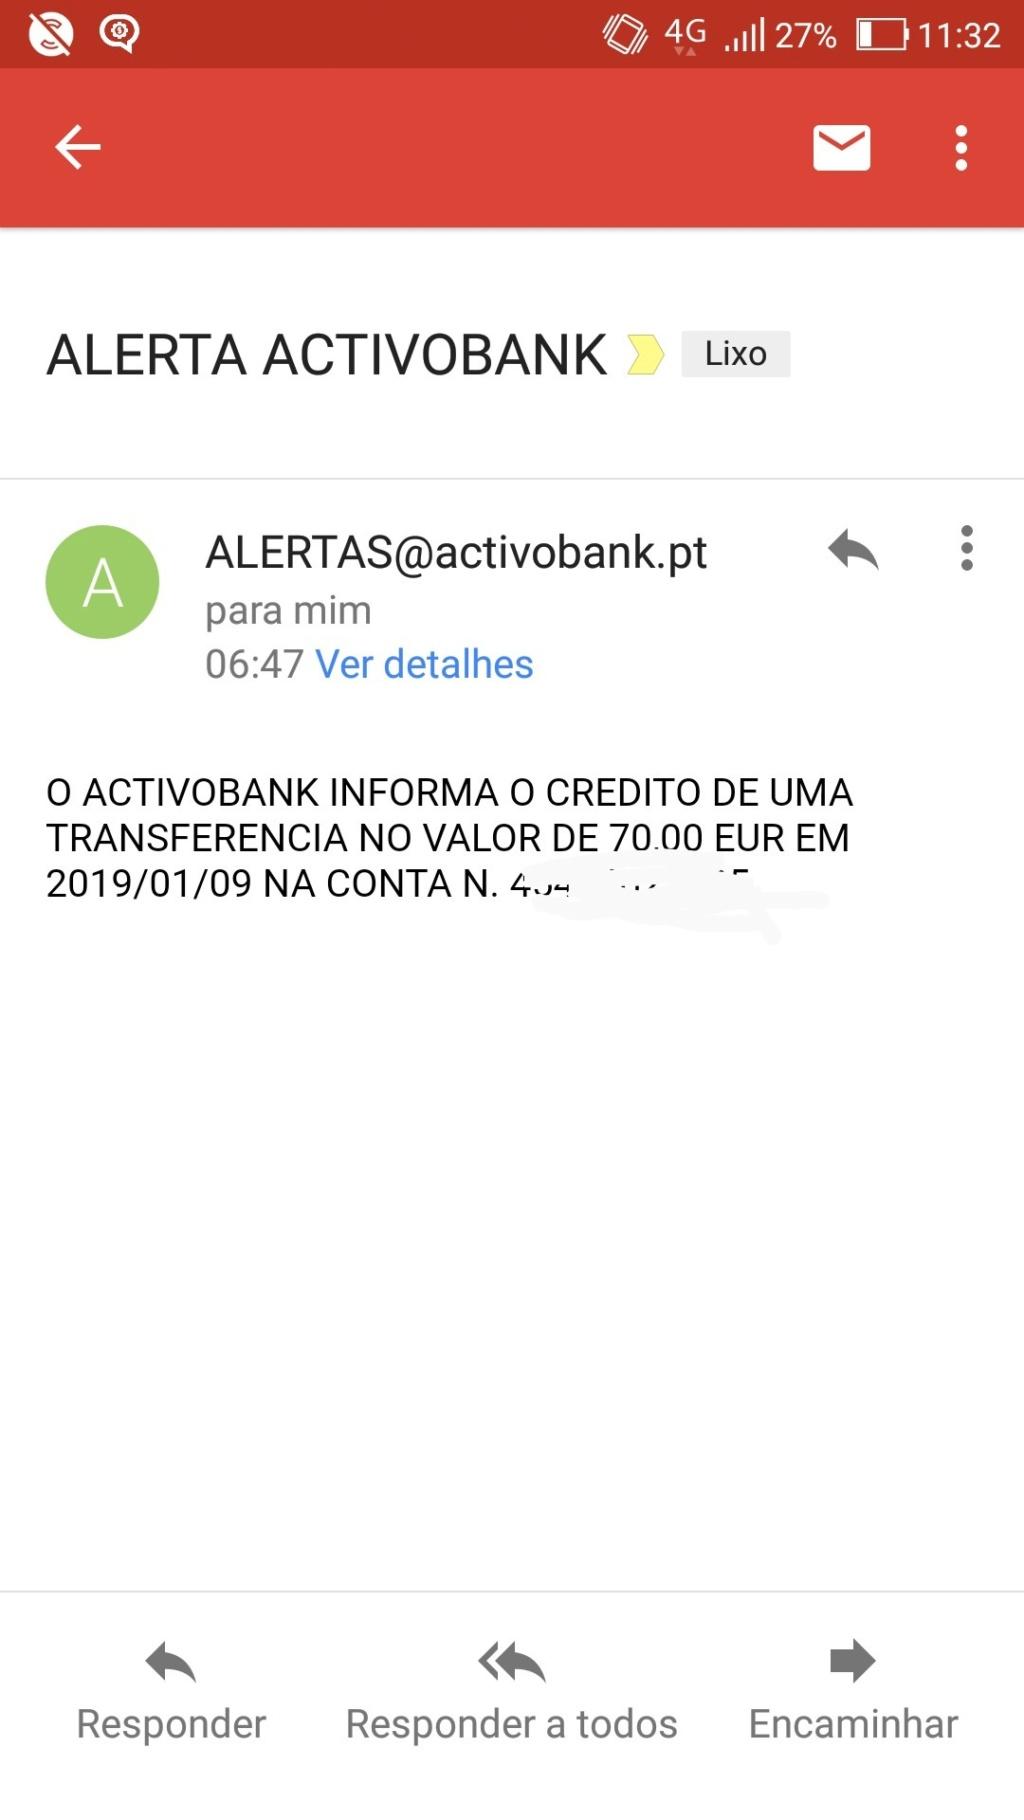 Oportunidade [Provado] PhD Trials - Testes remunerados a cosméticos em Lisboa (já ganhei 75€) Screen13